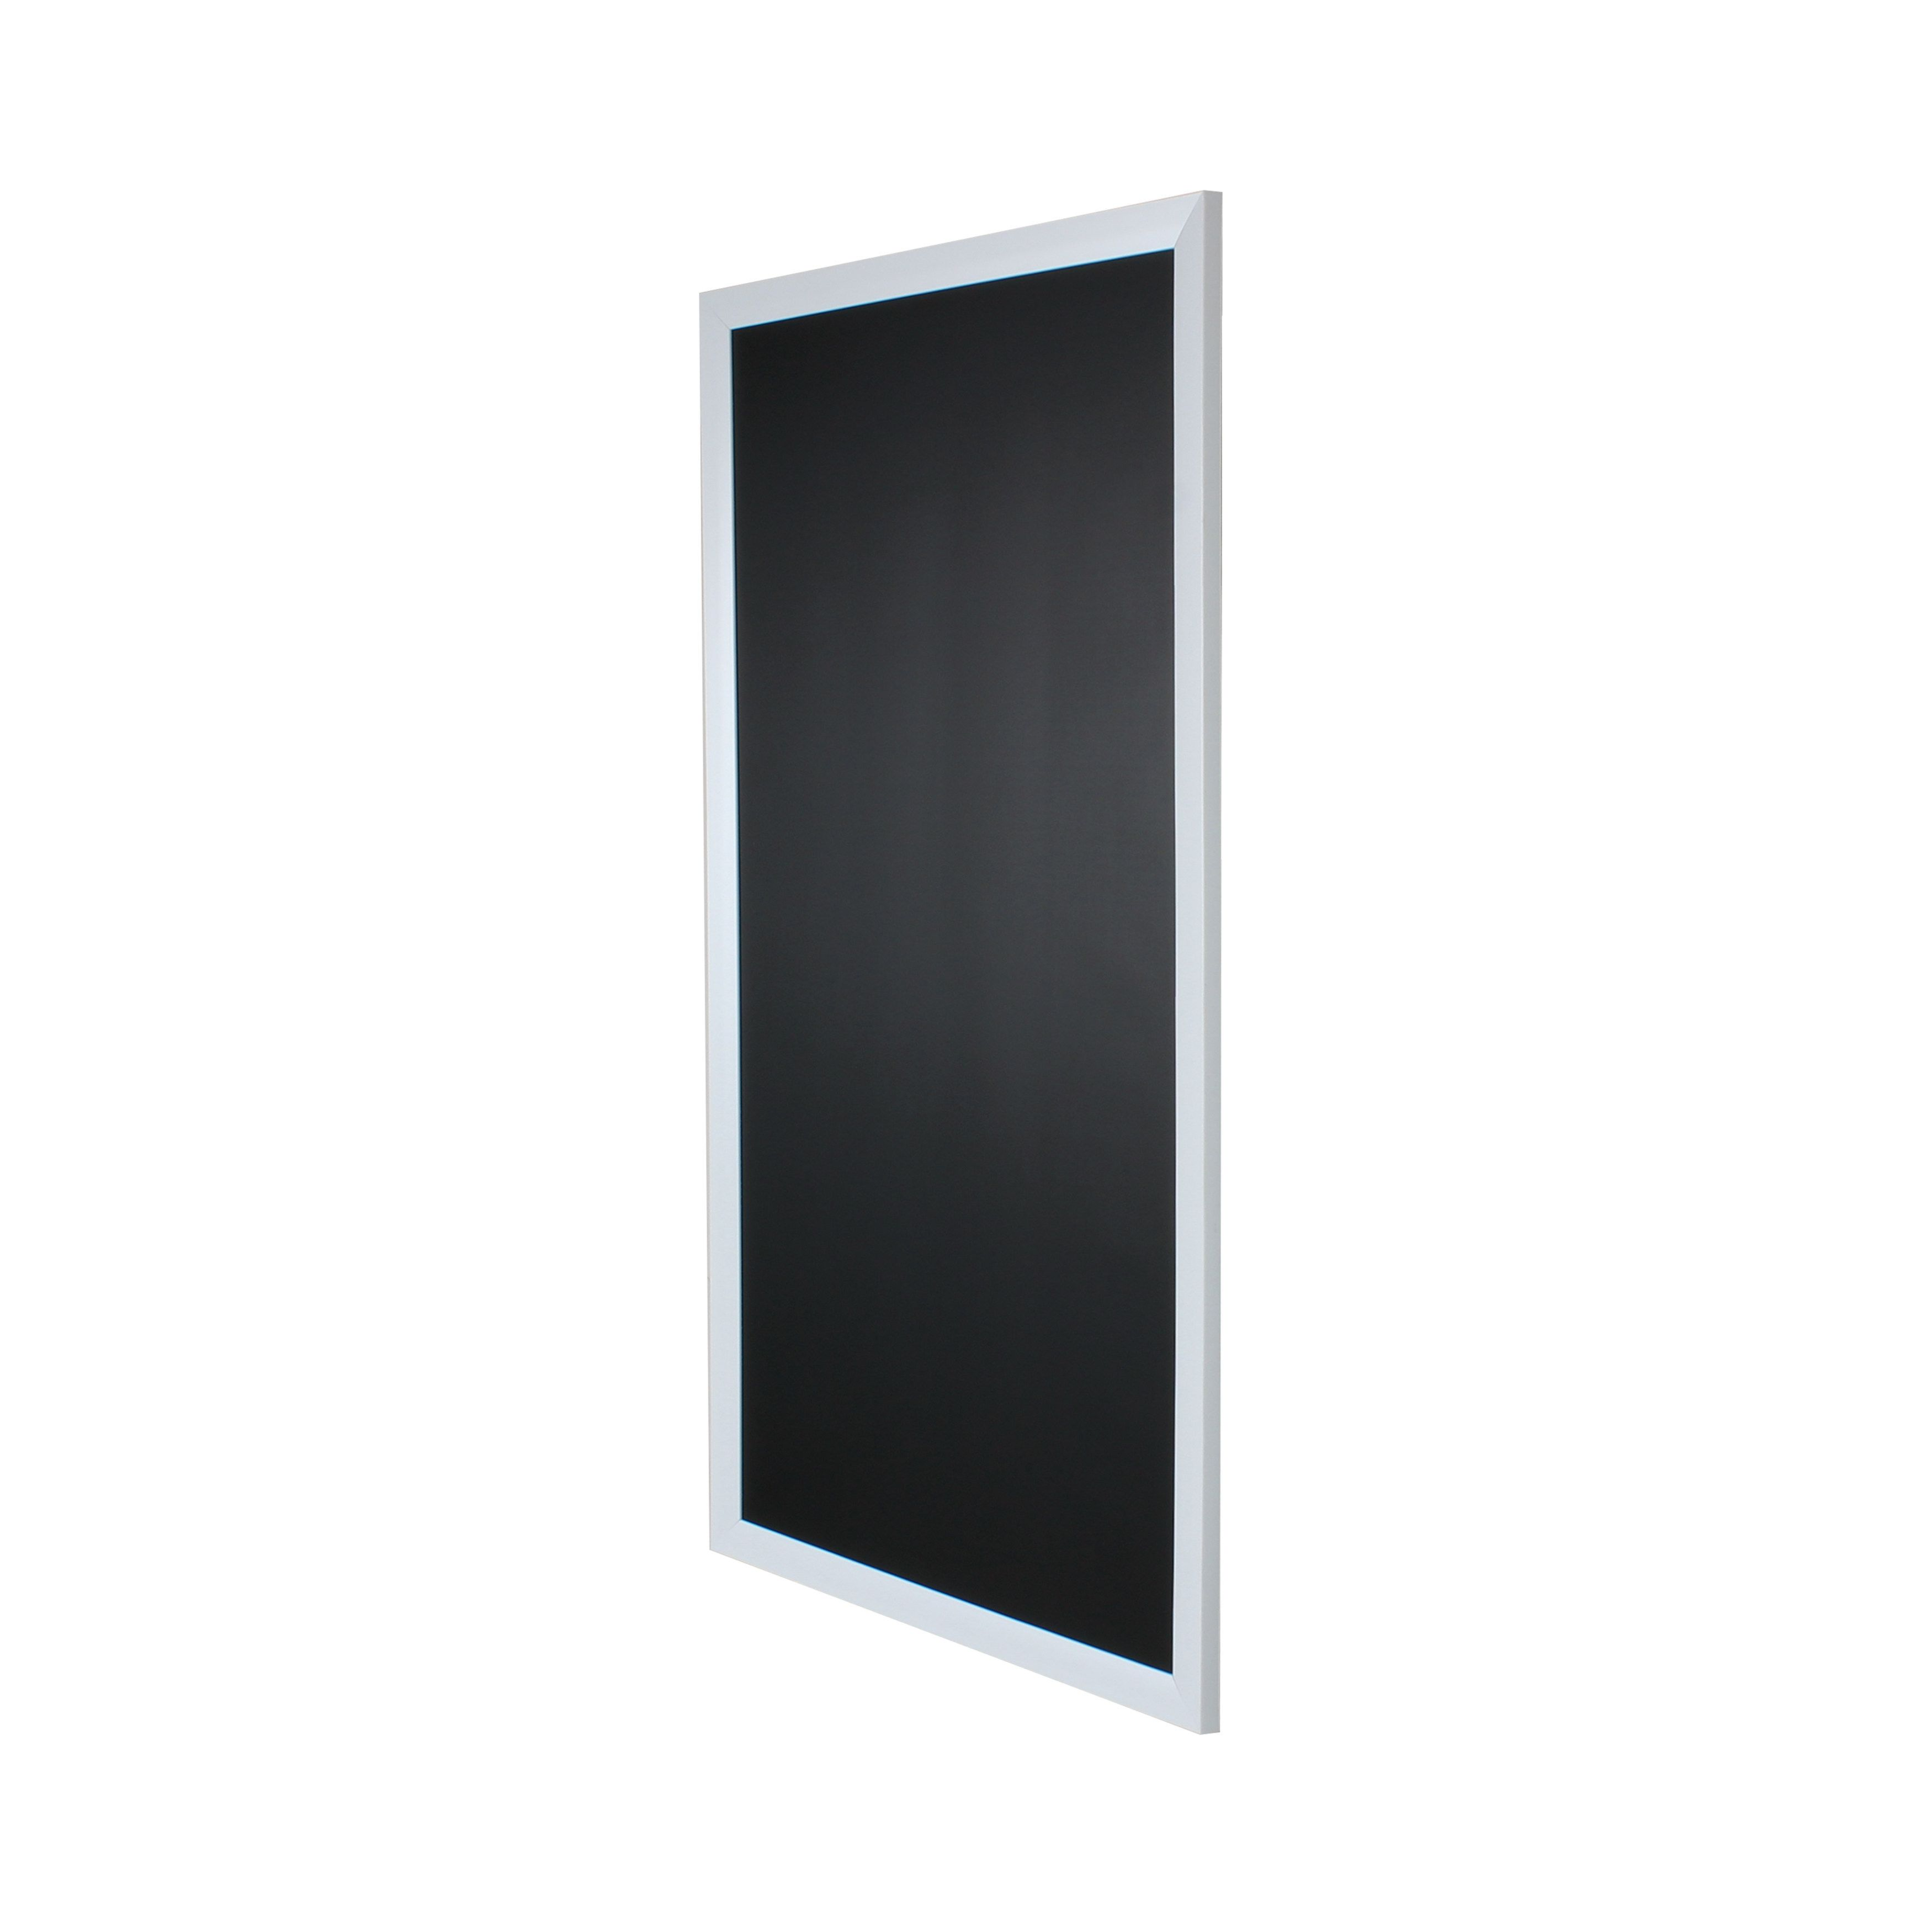 Designovation Beatrice Wood Framed Magnetic Chalkboard Black